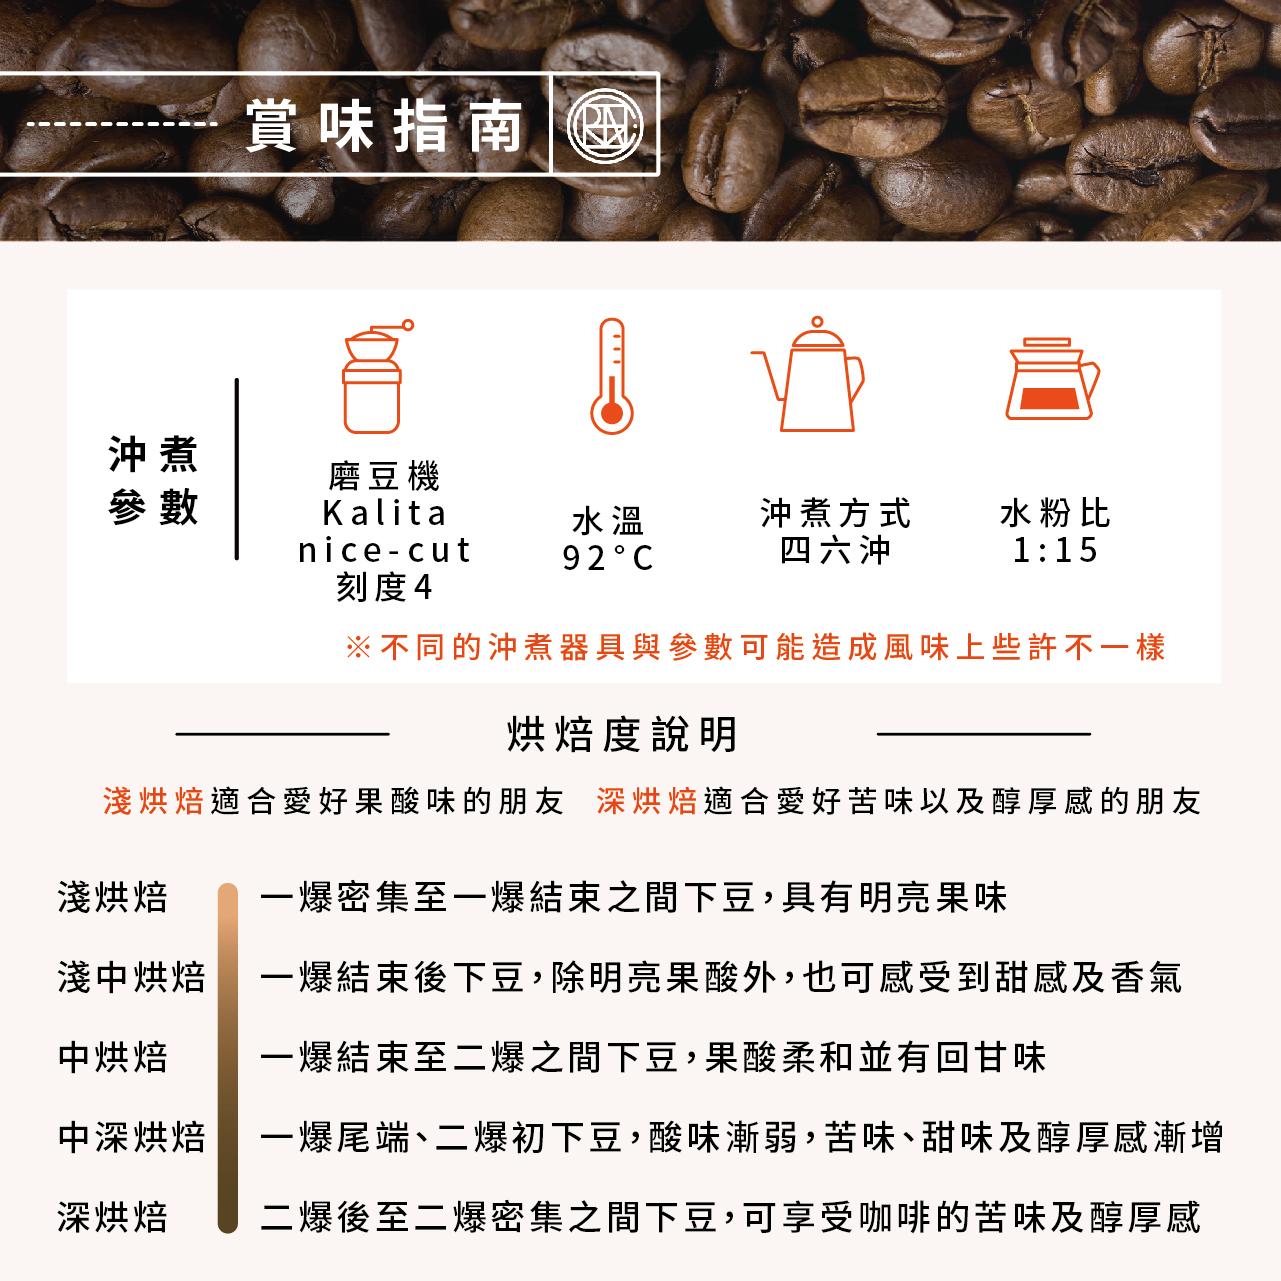 咖啡市集 手沖咖啡 沖煮方式 沖煮係數 brew coffee 精品咖啡